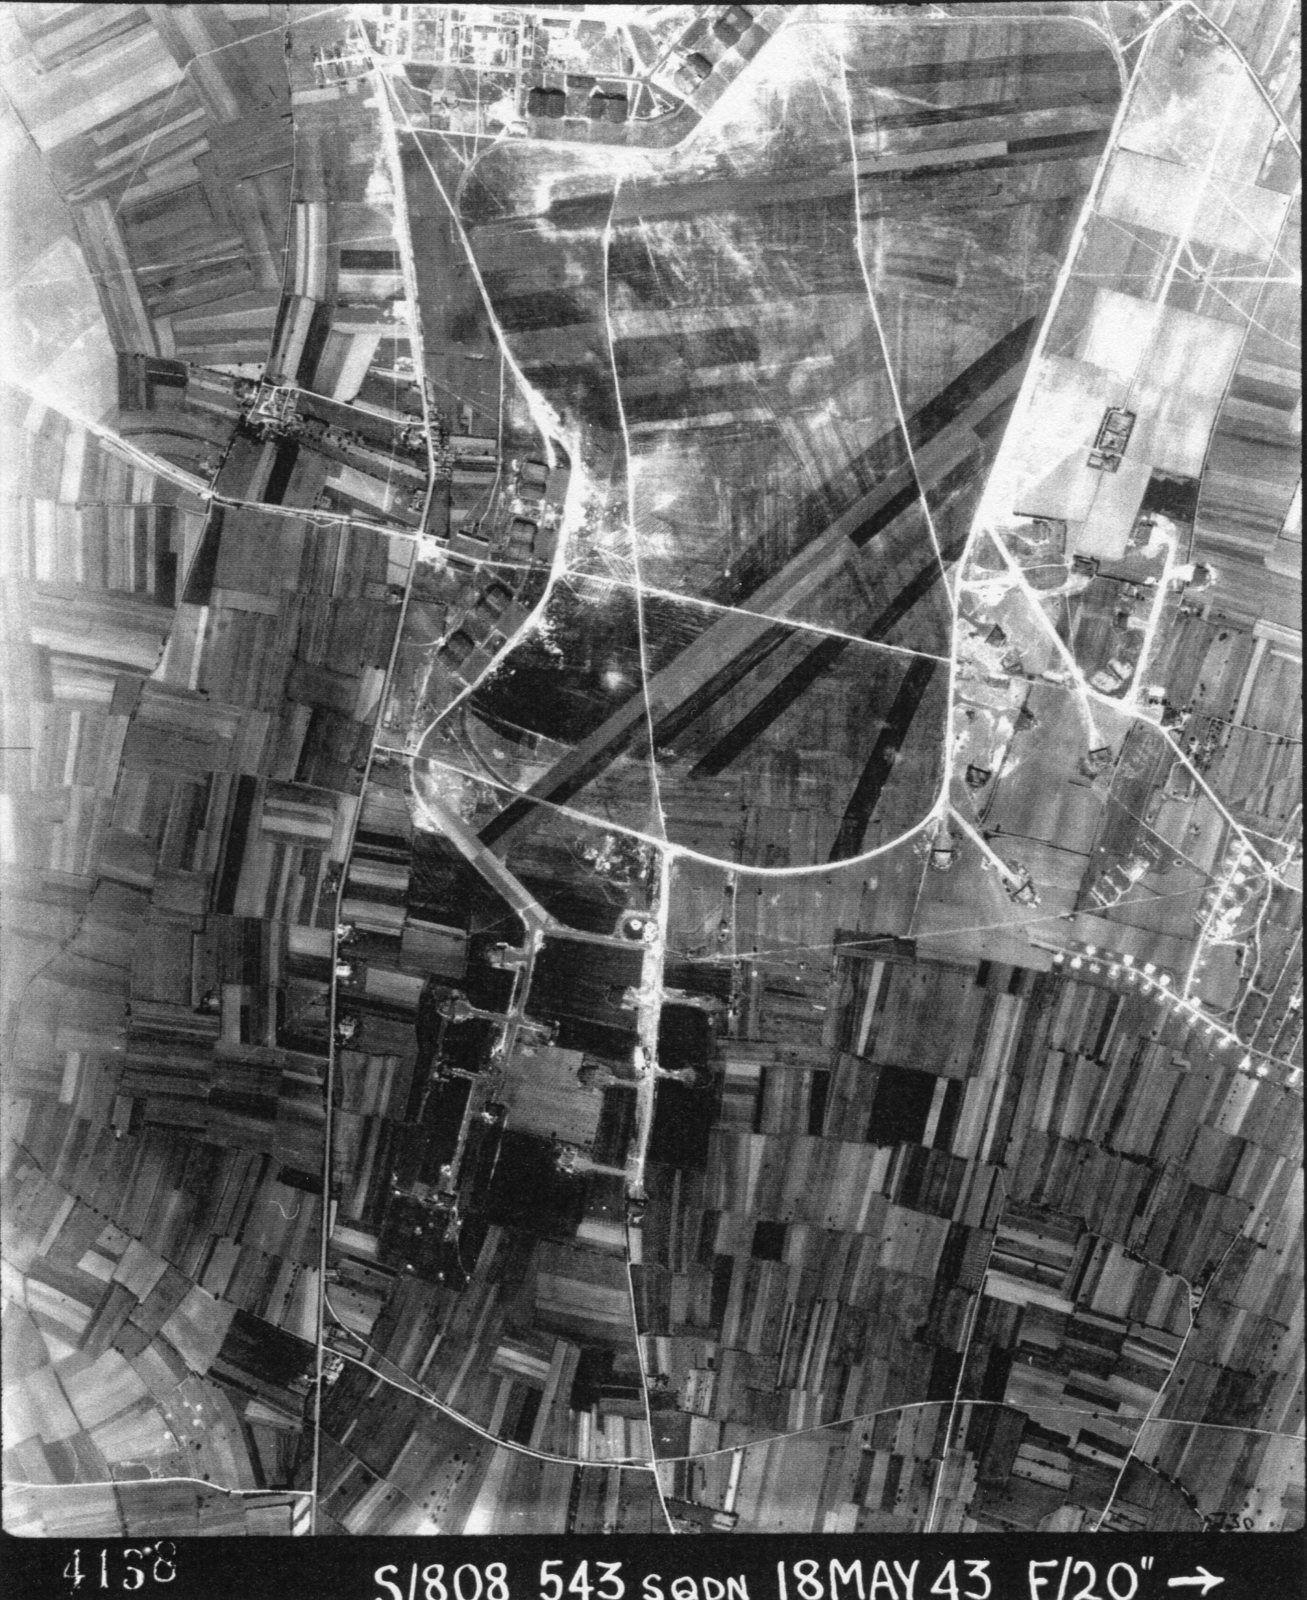 En 39/45 la base aérienne de Châteaubernard était devenue allemande, mais les Allemands avaient un projet plus vaste: Des pistes étaient déjà des sections pour leur future autoroute....